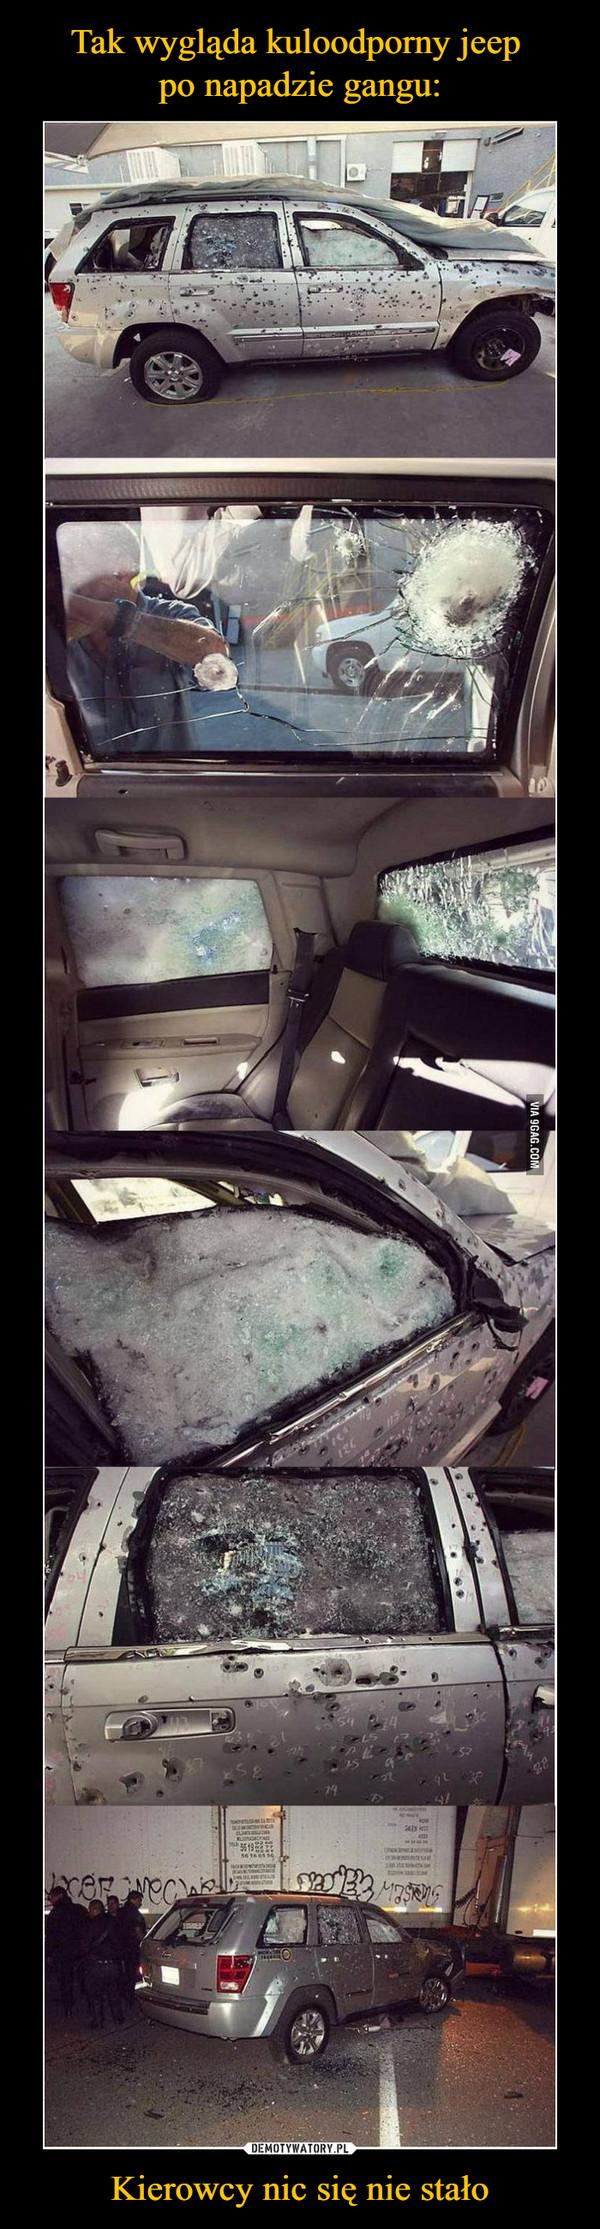 Kierowcy nic się nie stało –